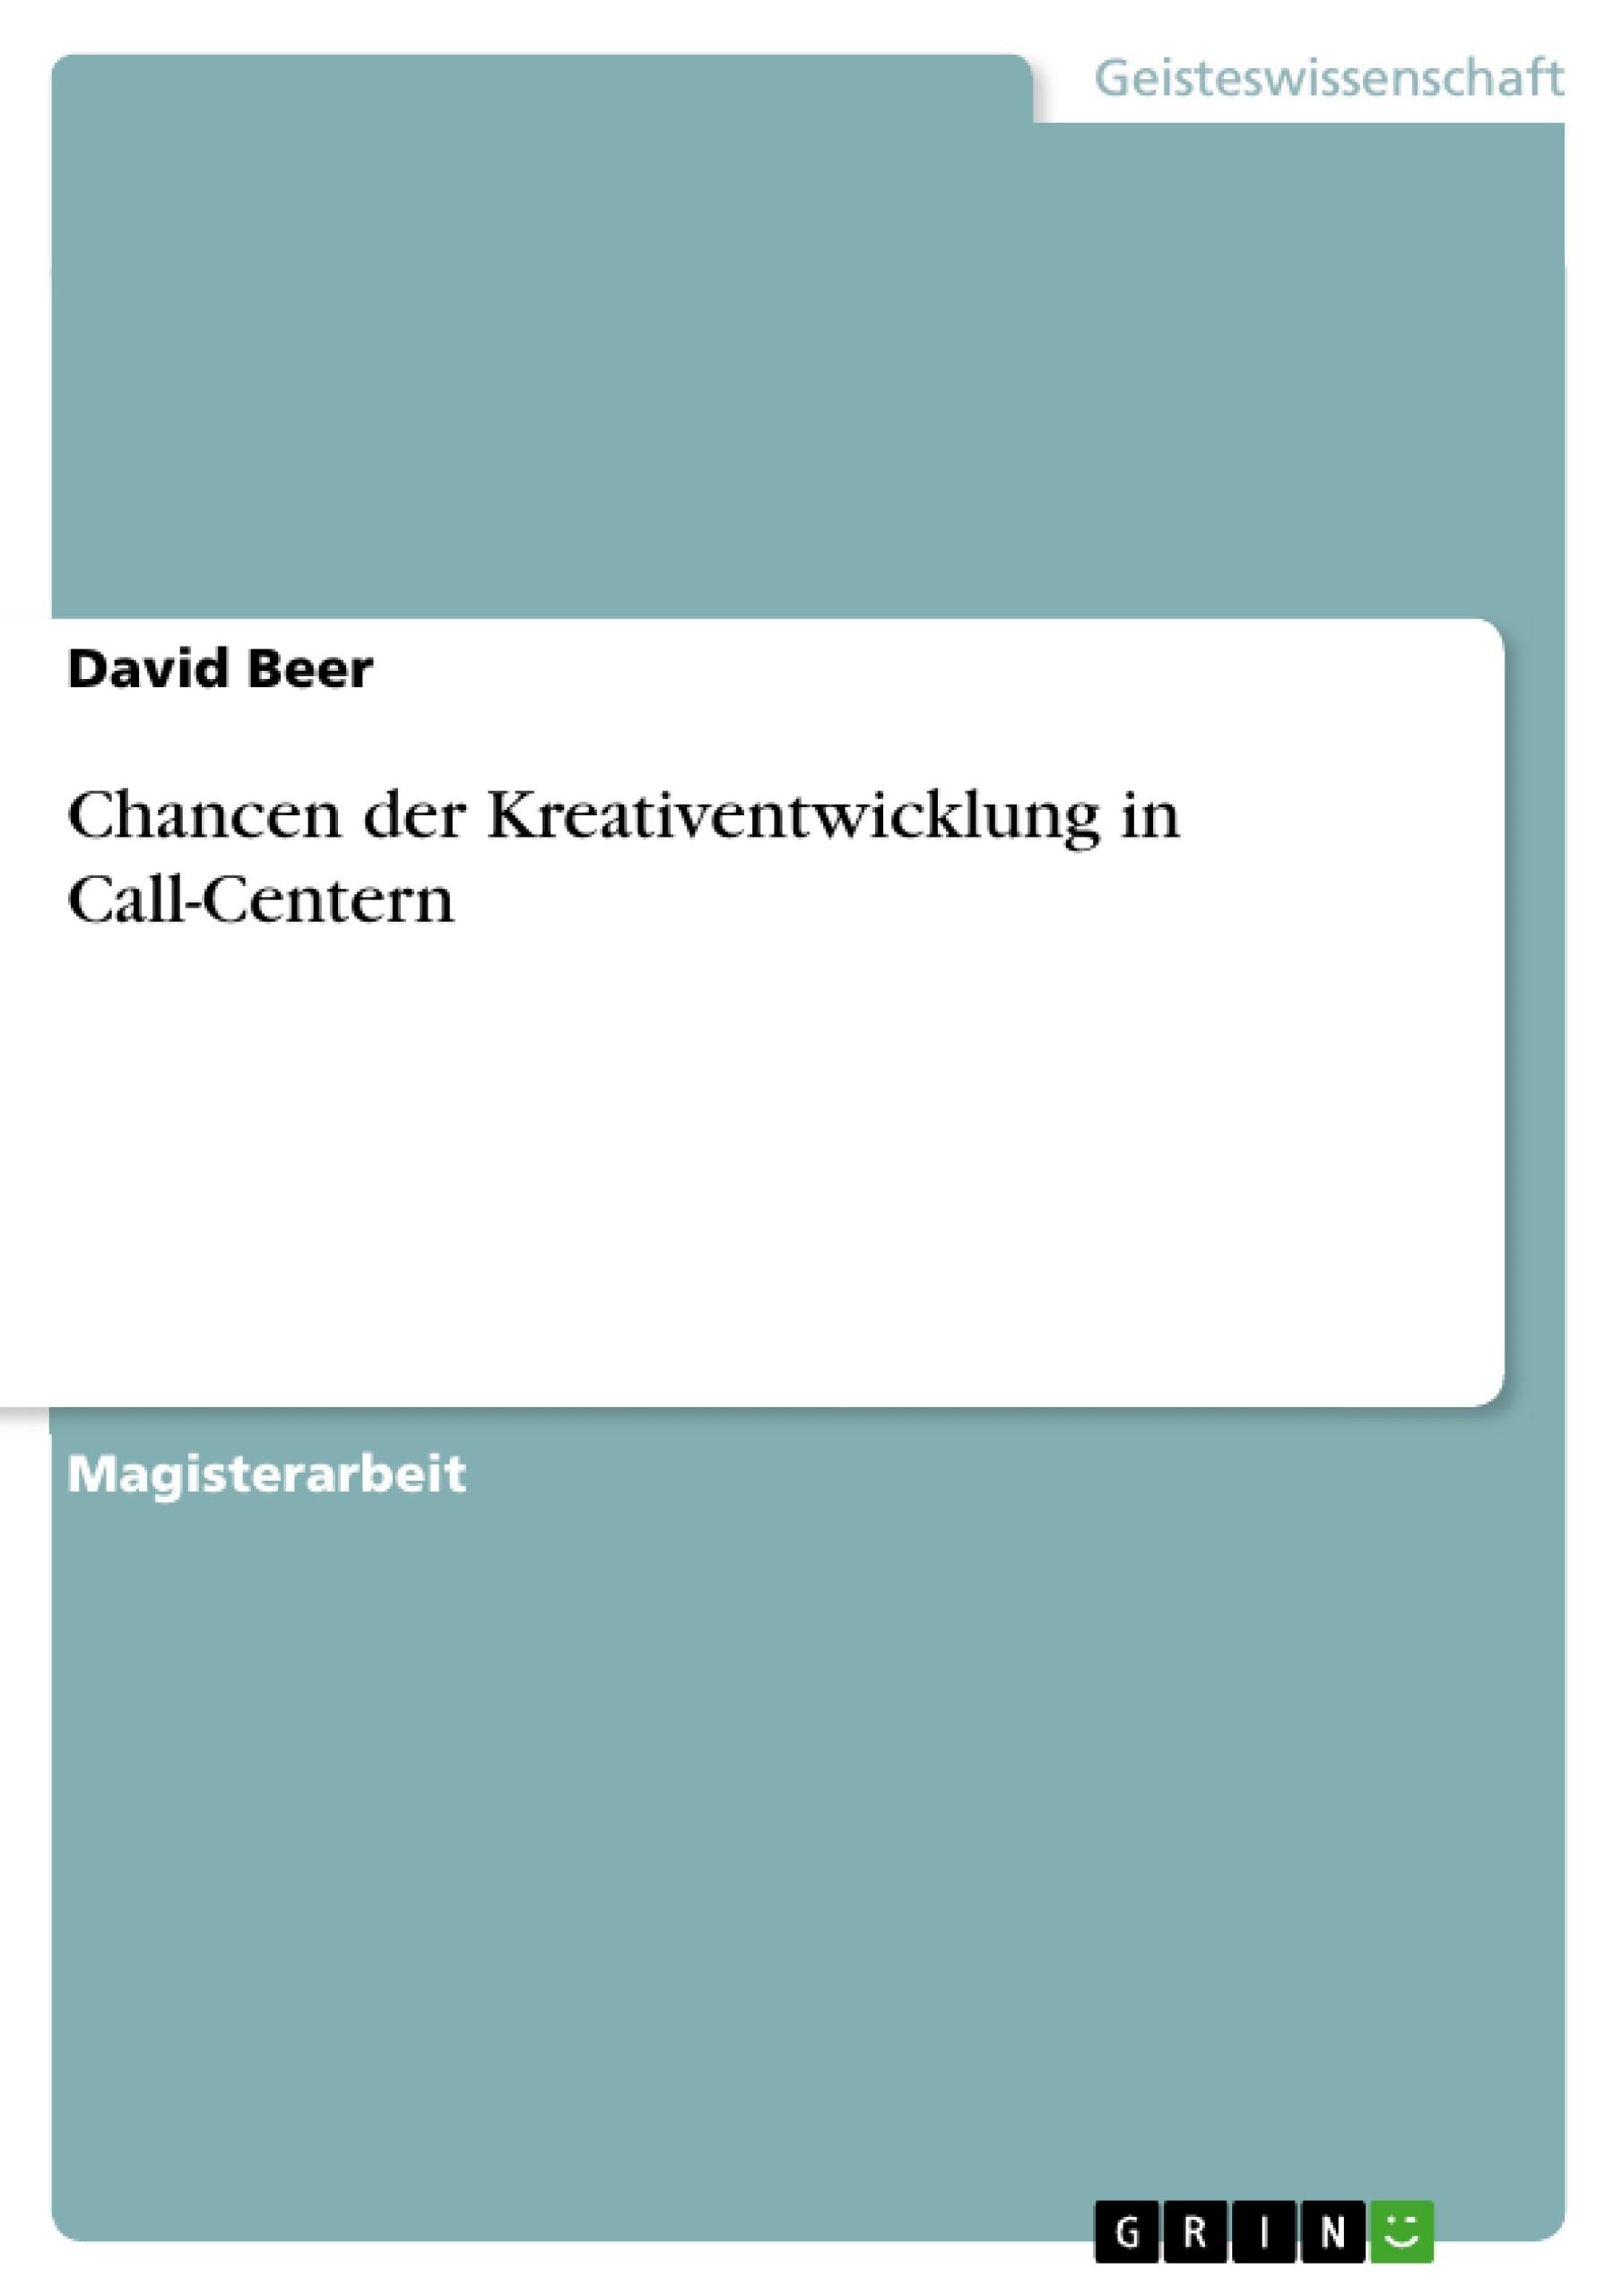 Titel: Chancen der Kreativentwicklung in Call-Centern